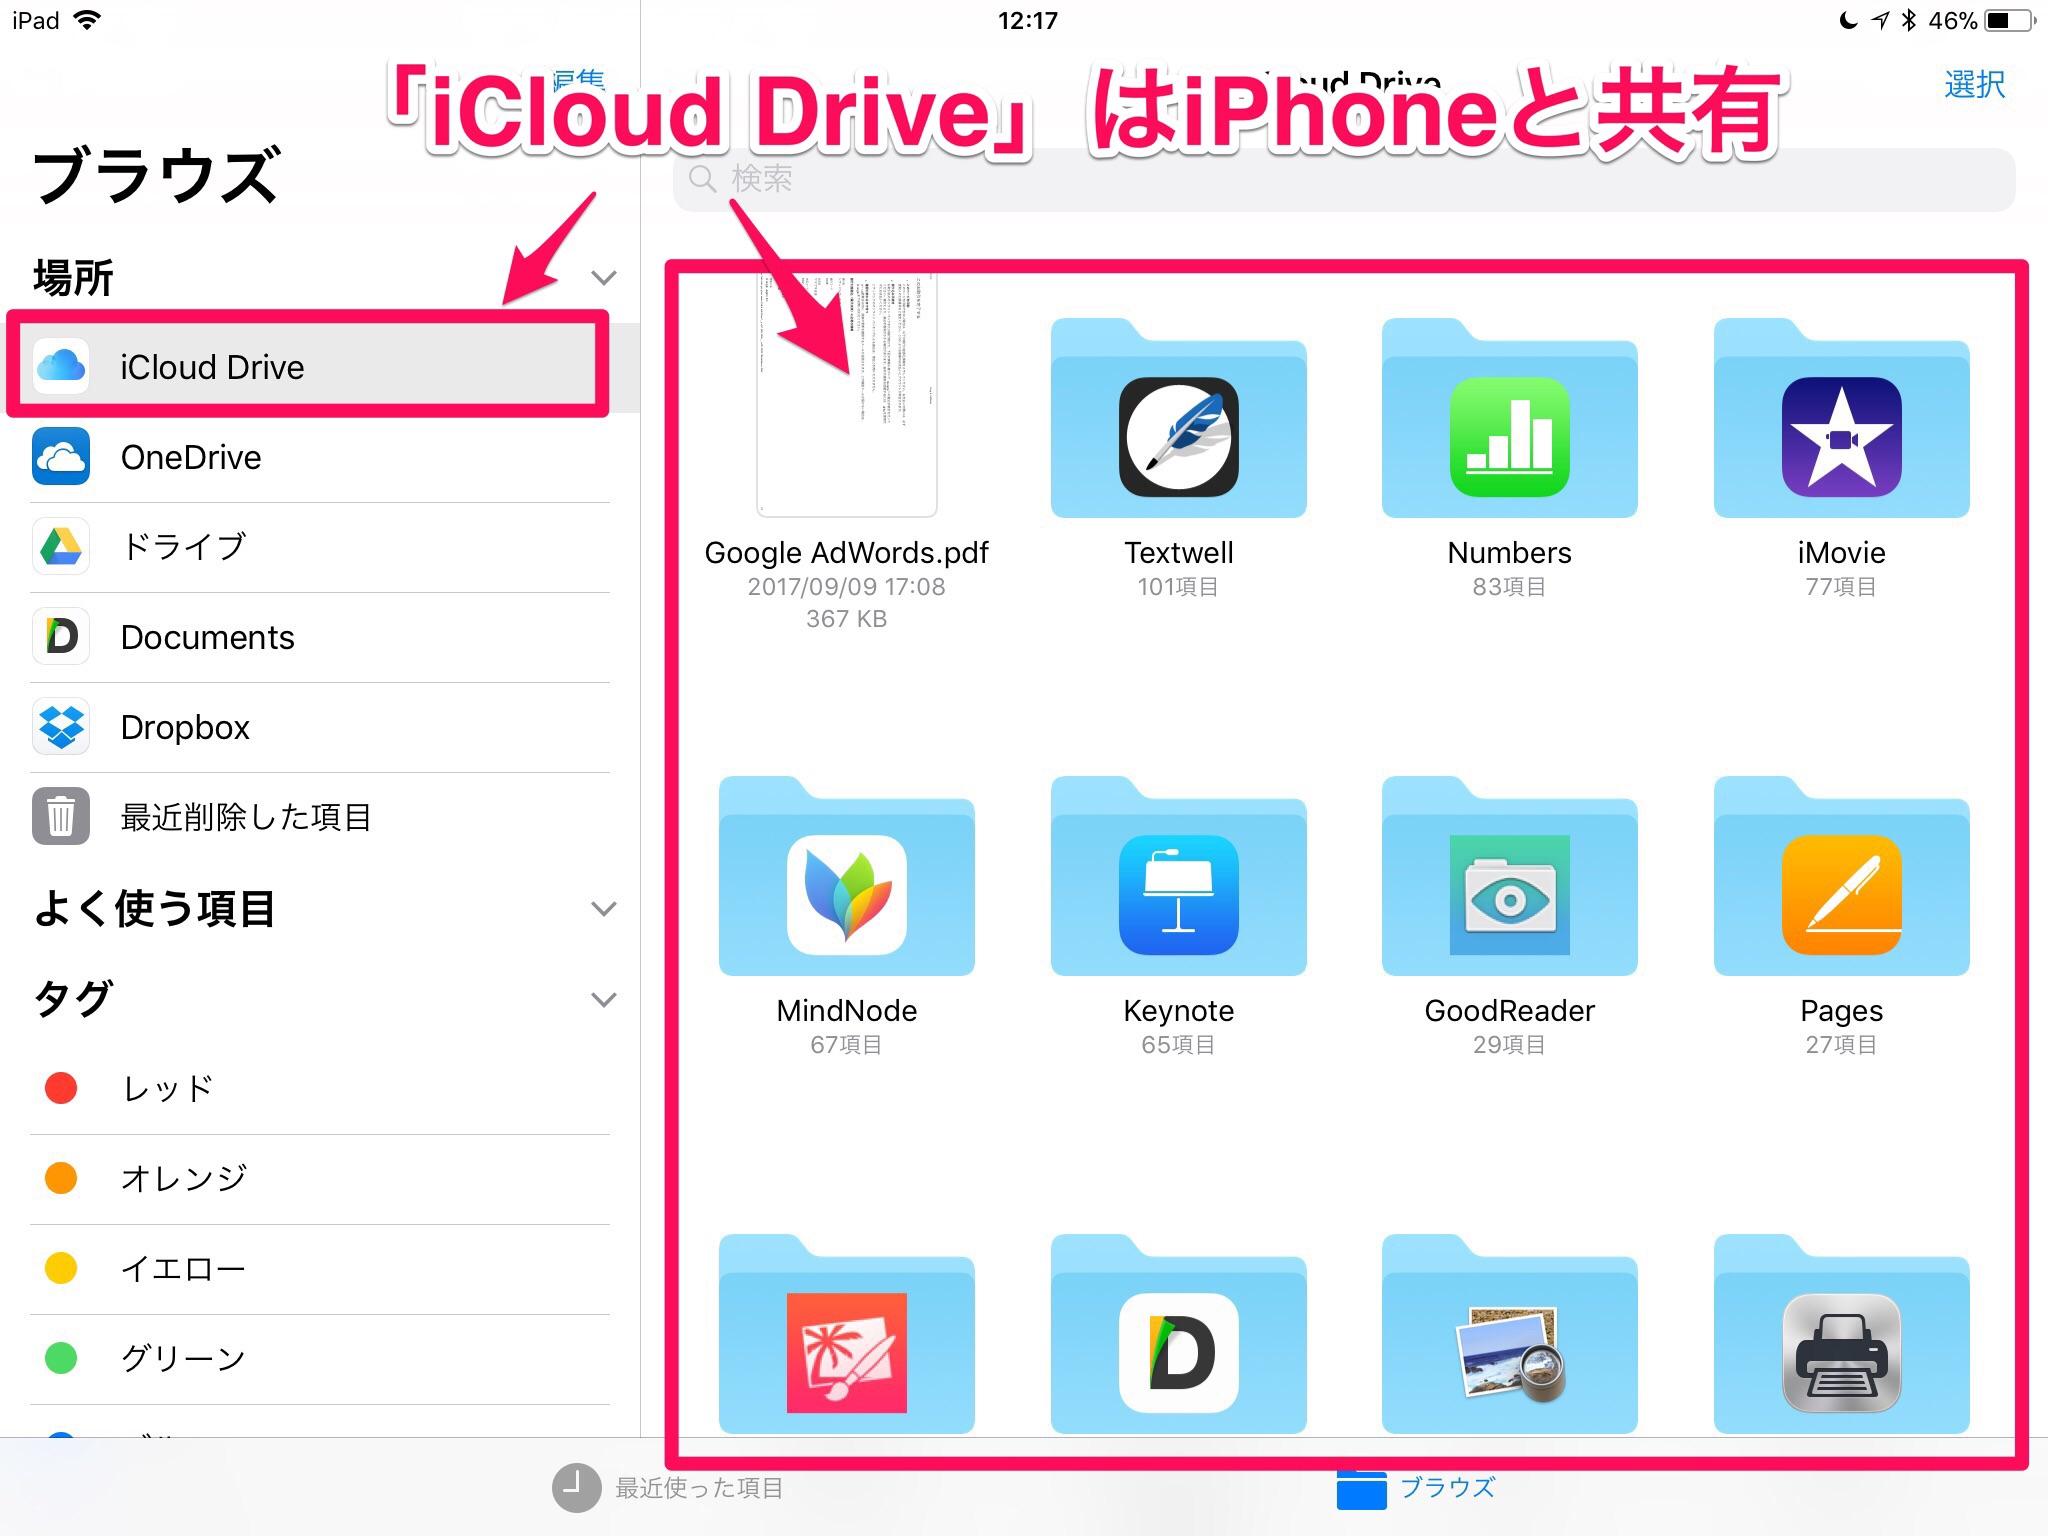 ファイル-アプリ